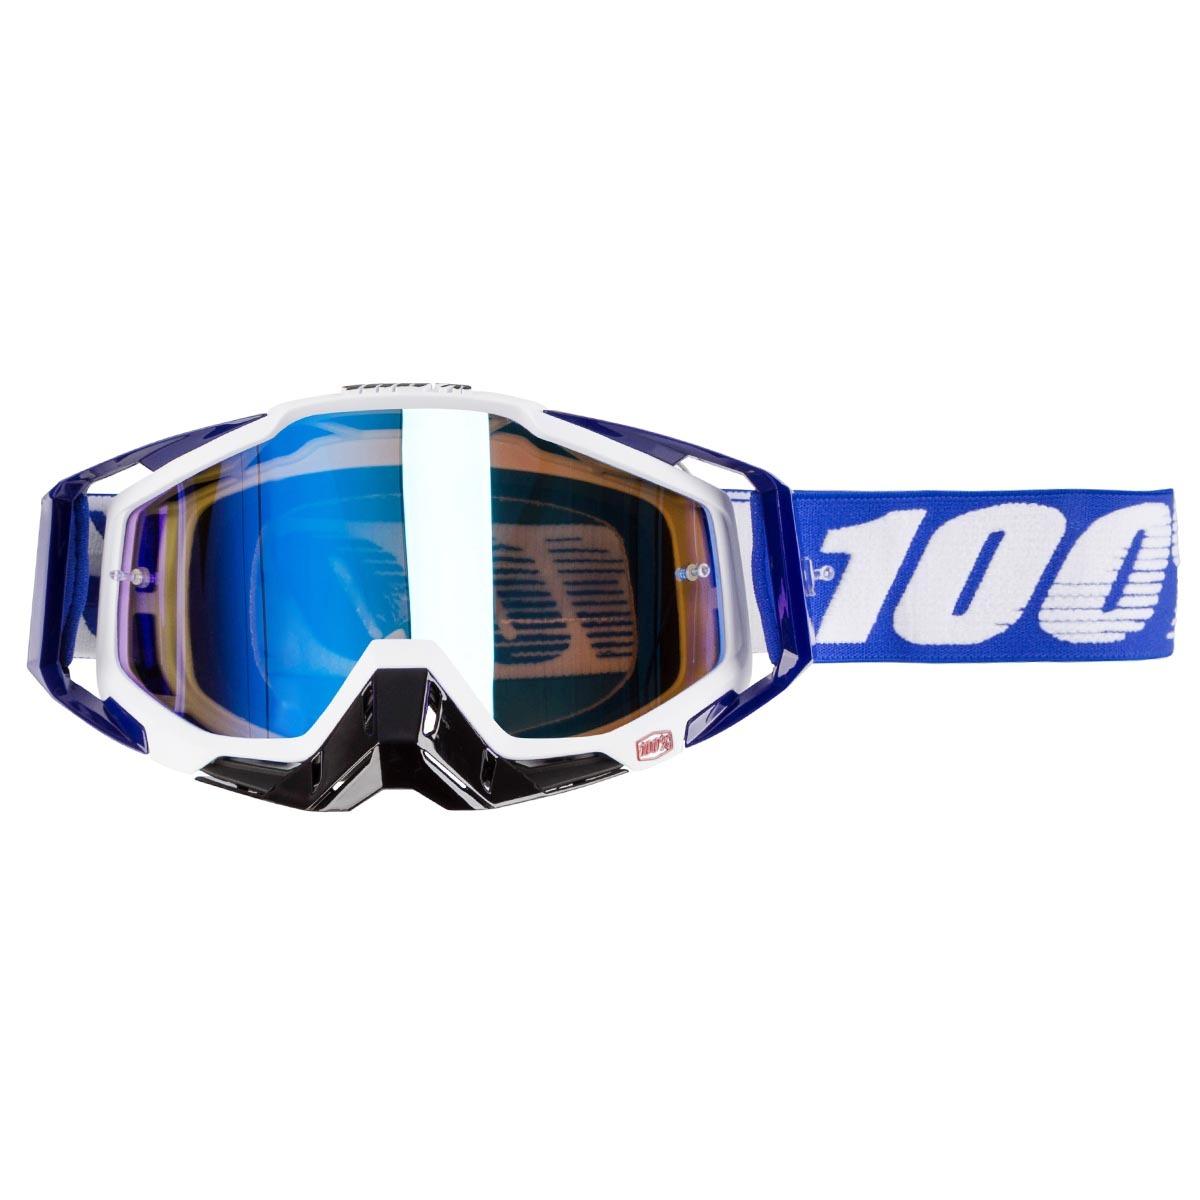 como serch seleccione para auténtico tienda oficial Gafas 100% Racecraft Originales Goggles Mtb Bmx Enduro Dh